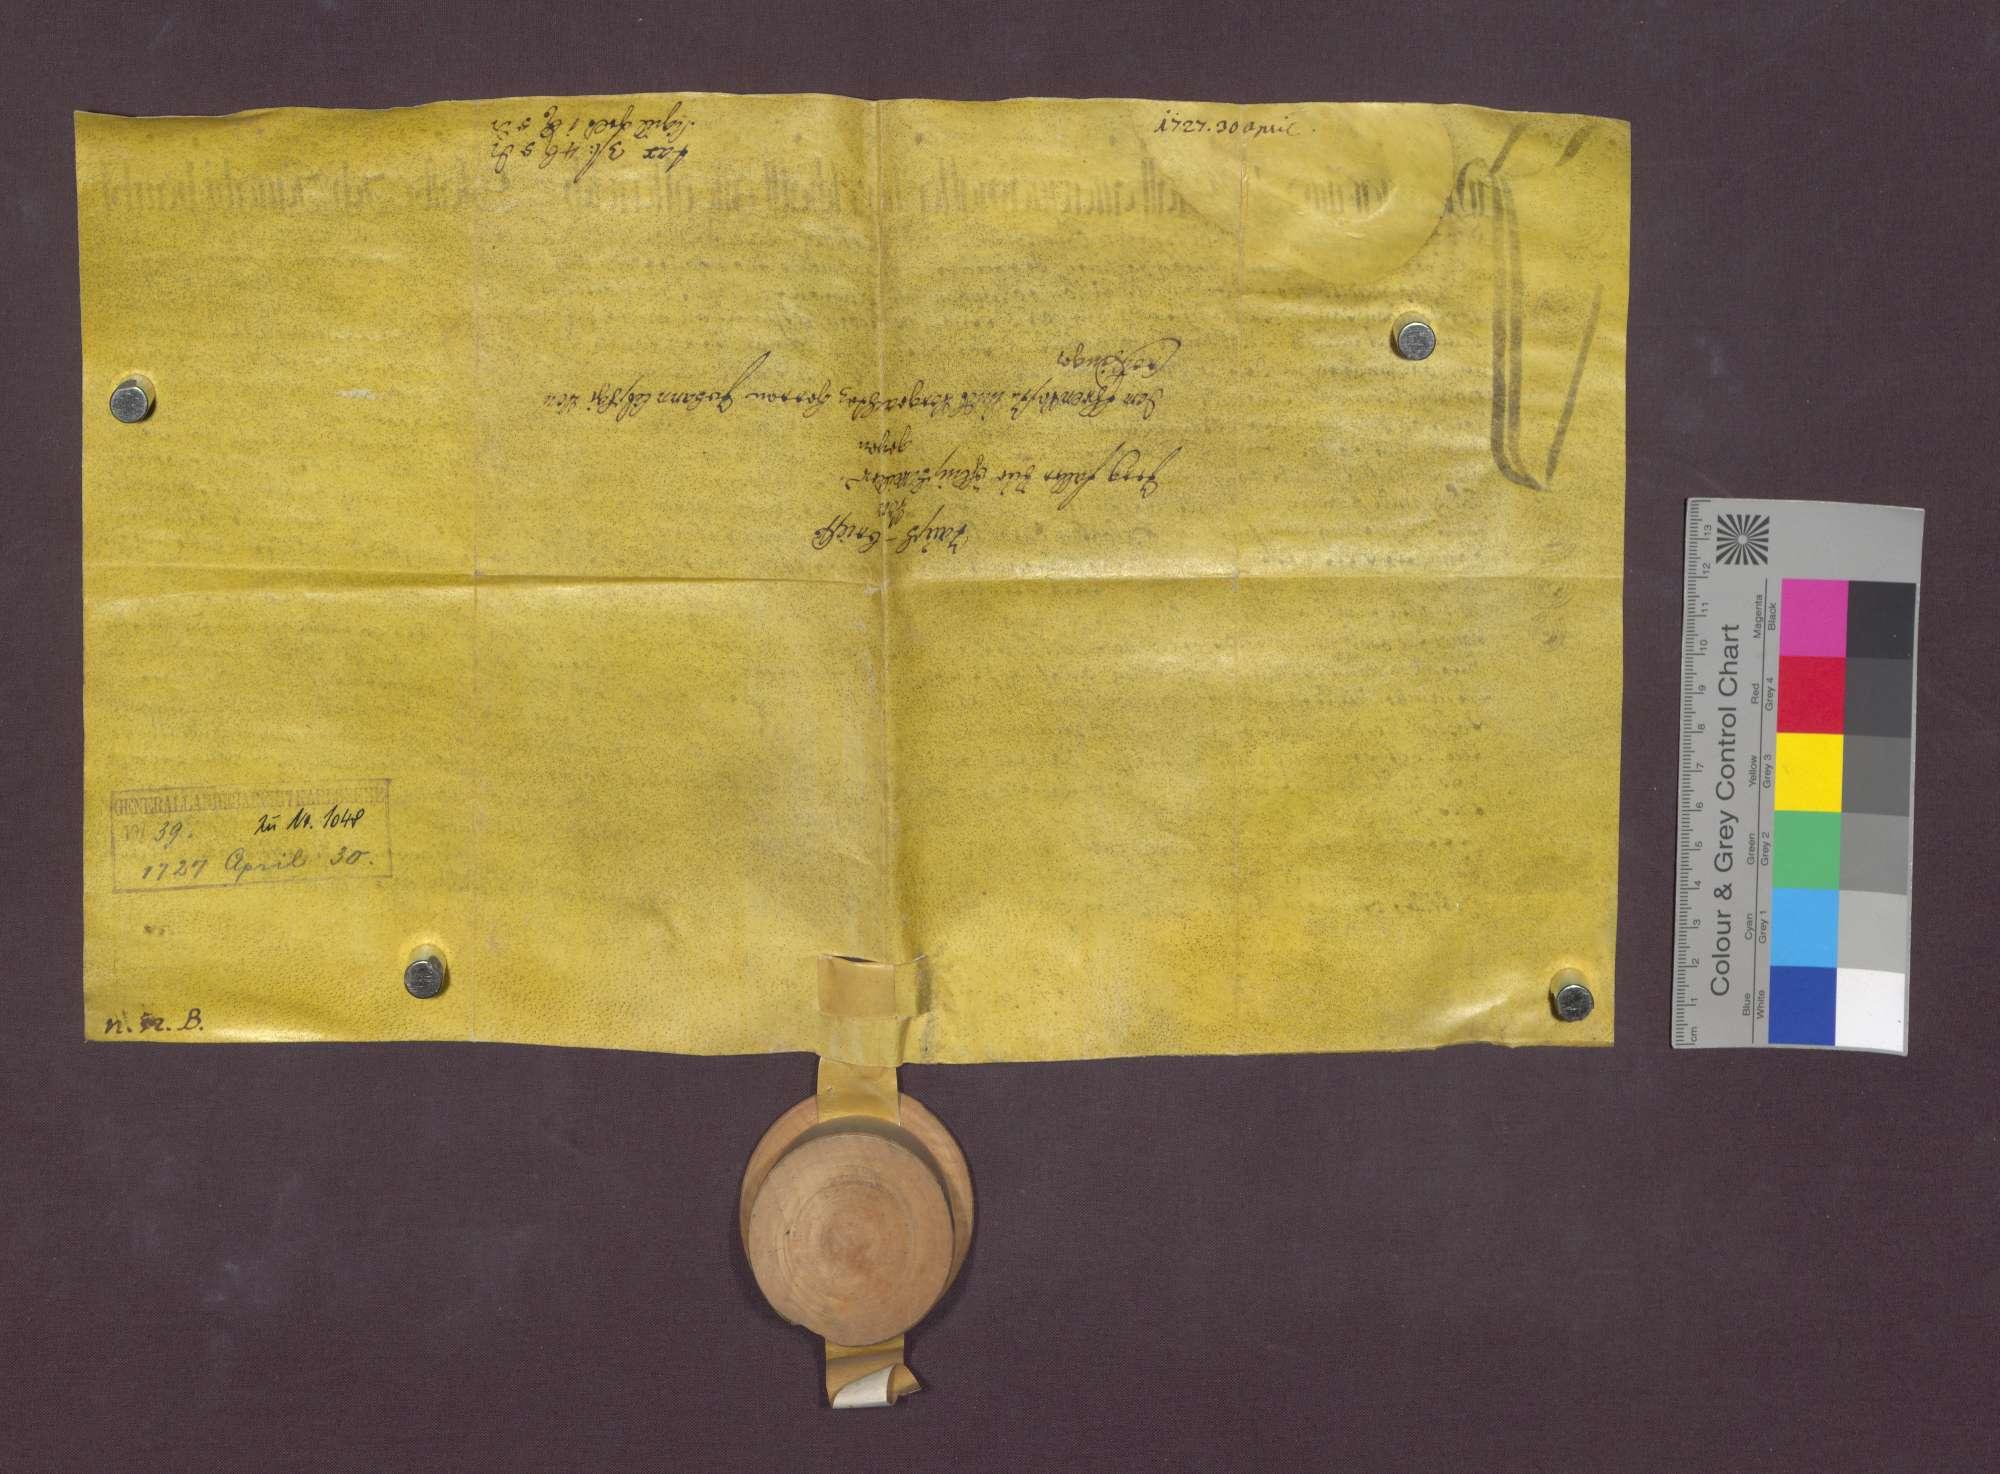 Gütertausch zwischen Jörg Faller von Öhlinsweiler und Johann Litschgi von Krozingen., Bild 3